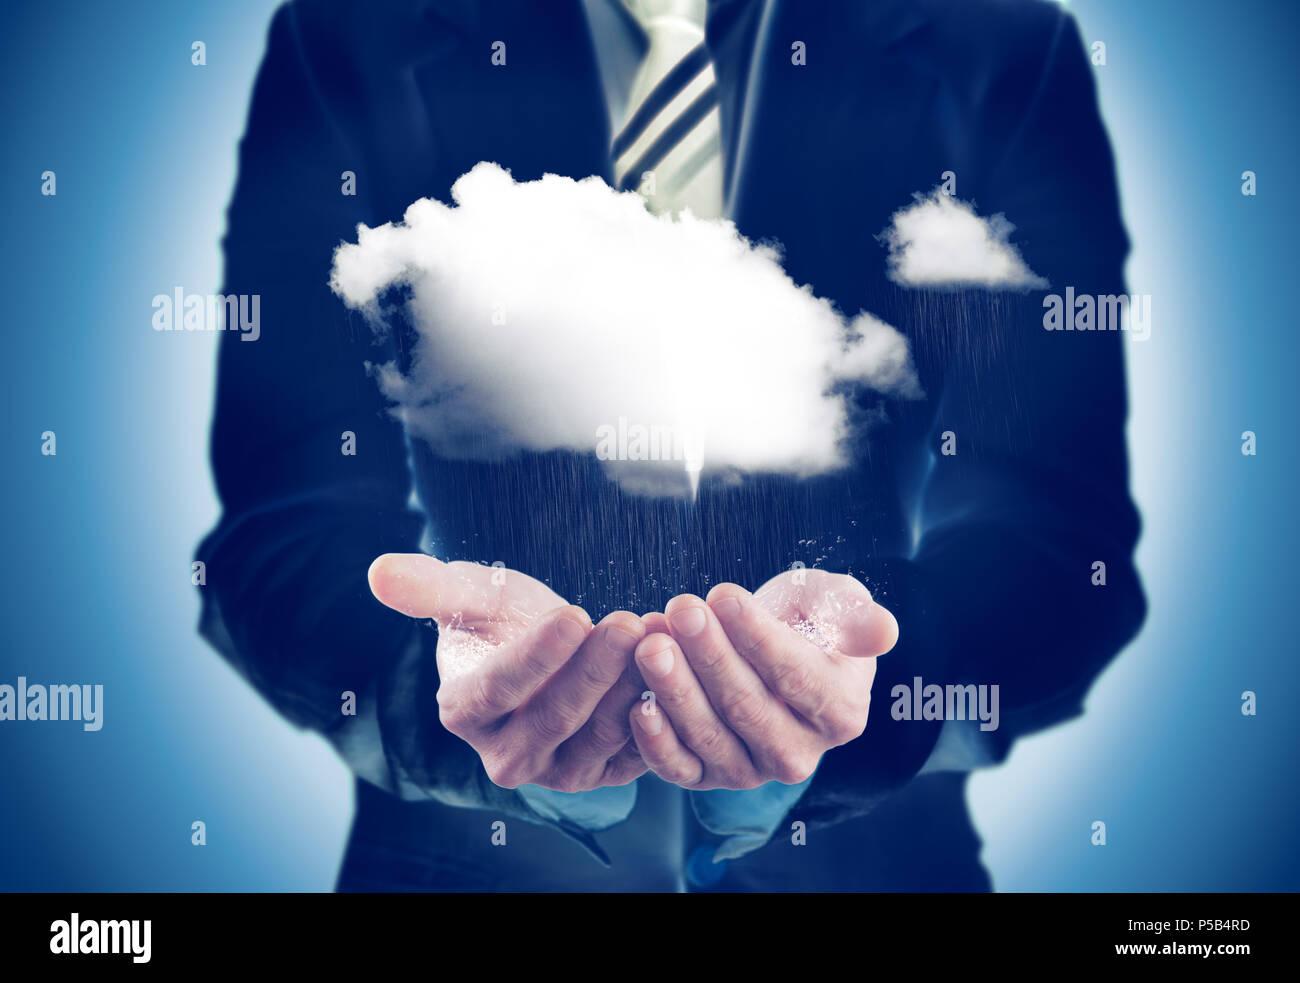 Negocios y concepto sostenible.El empresario sosteniendo una nube de lluvia Imagen De Stock